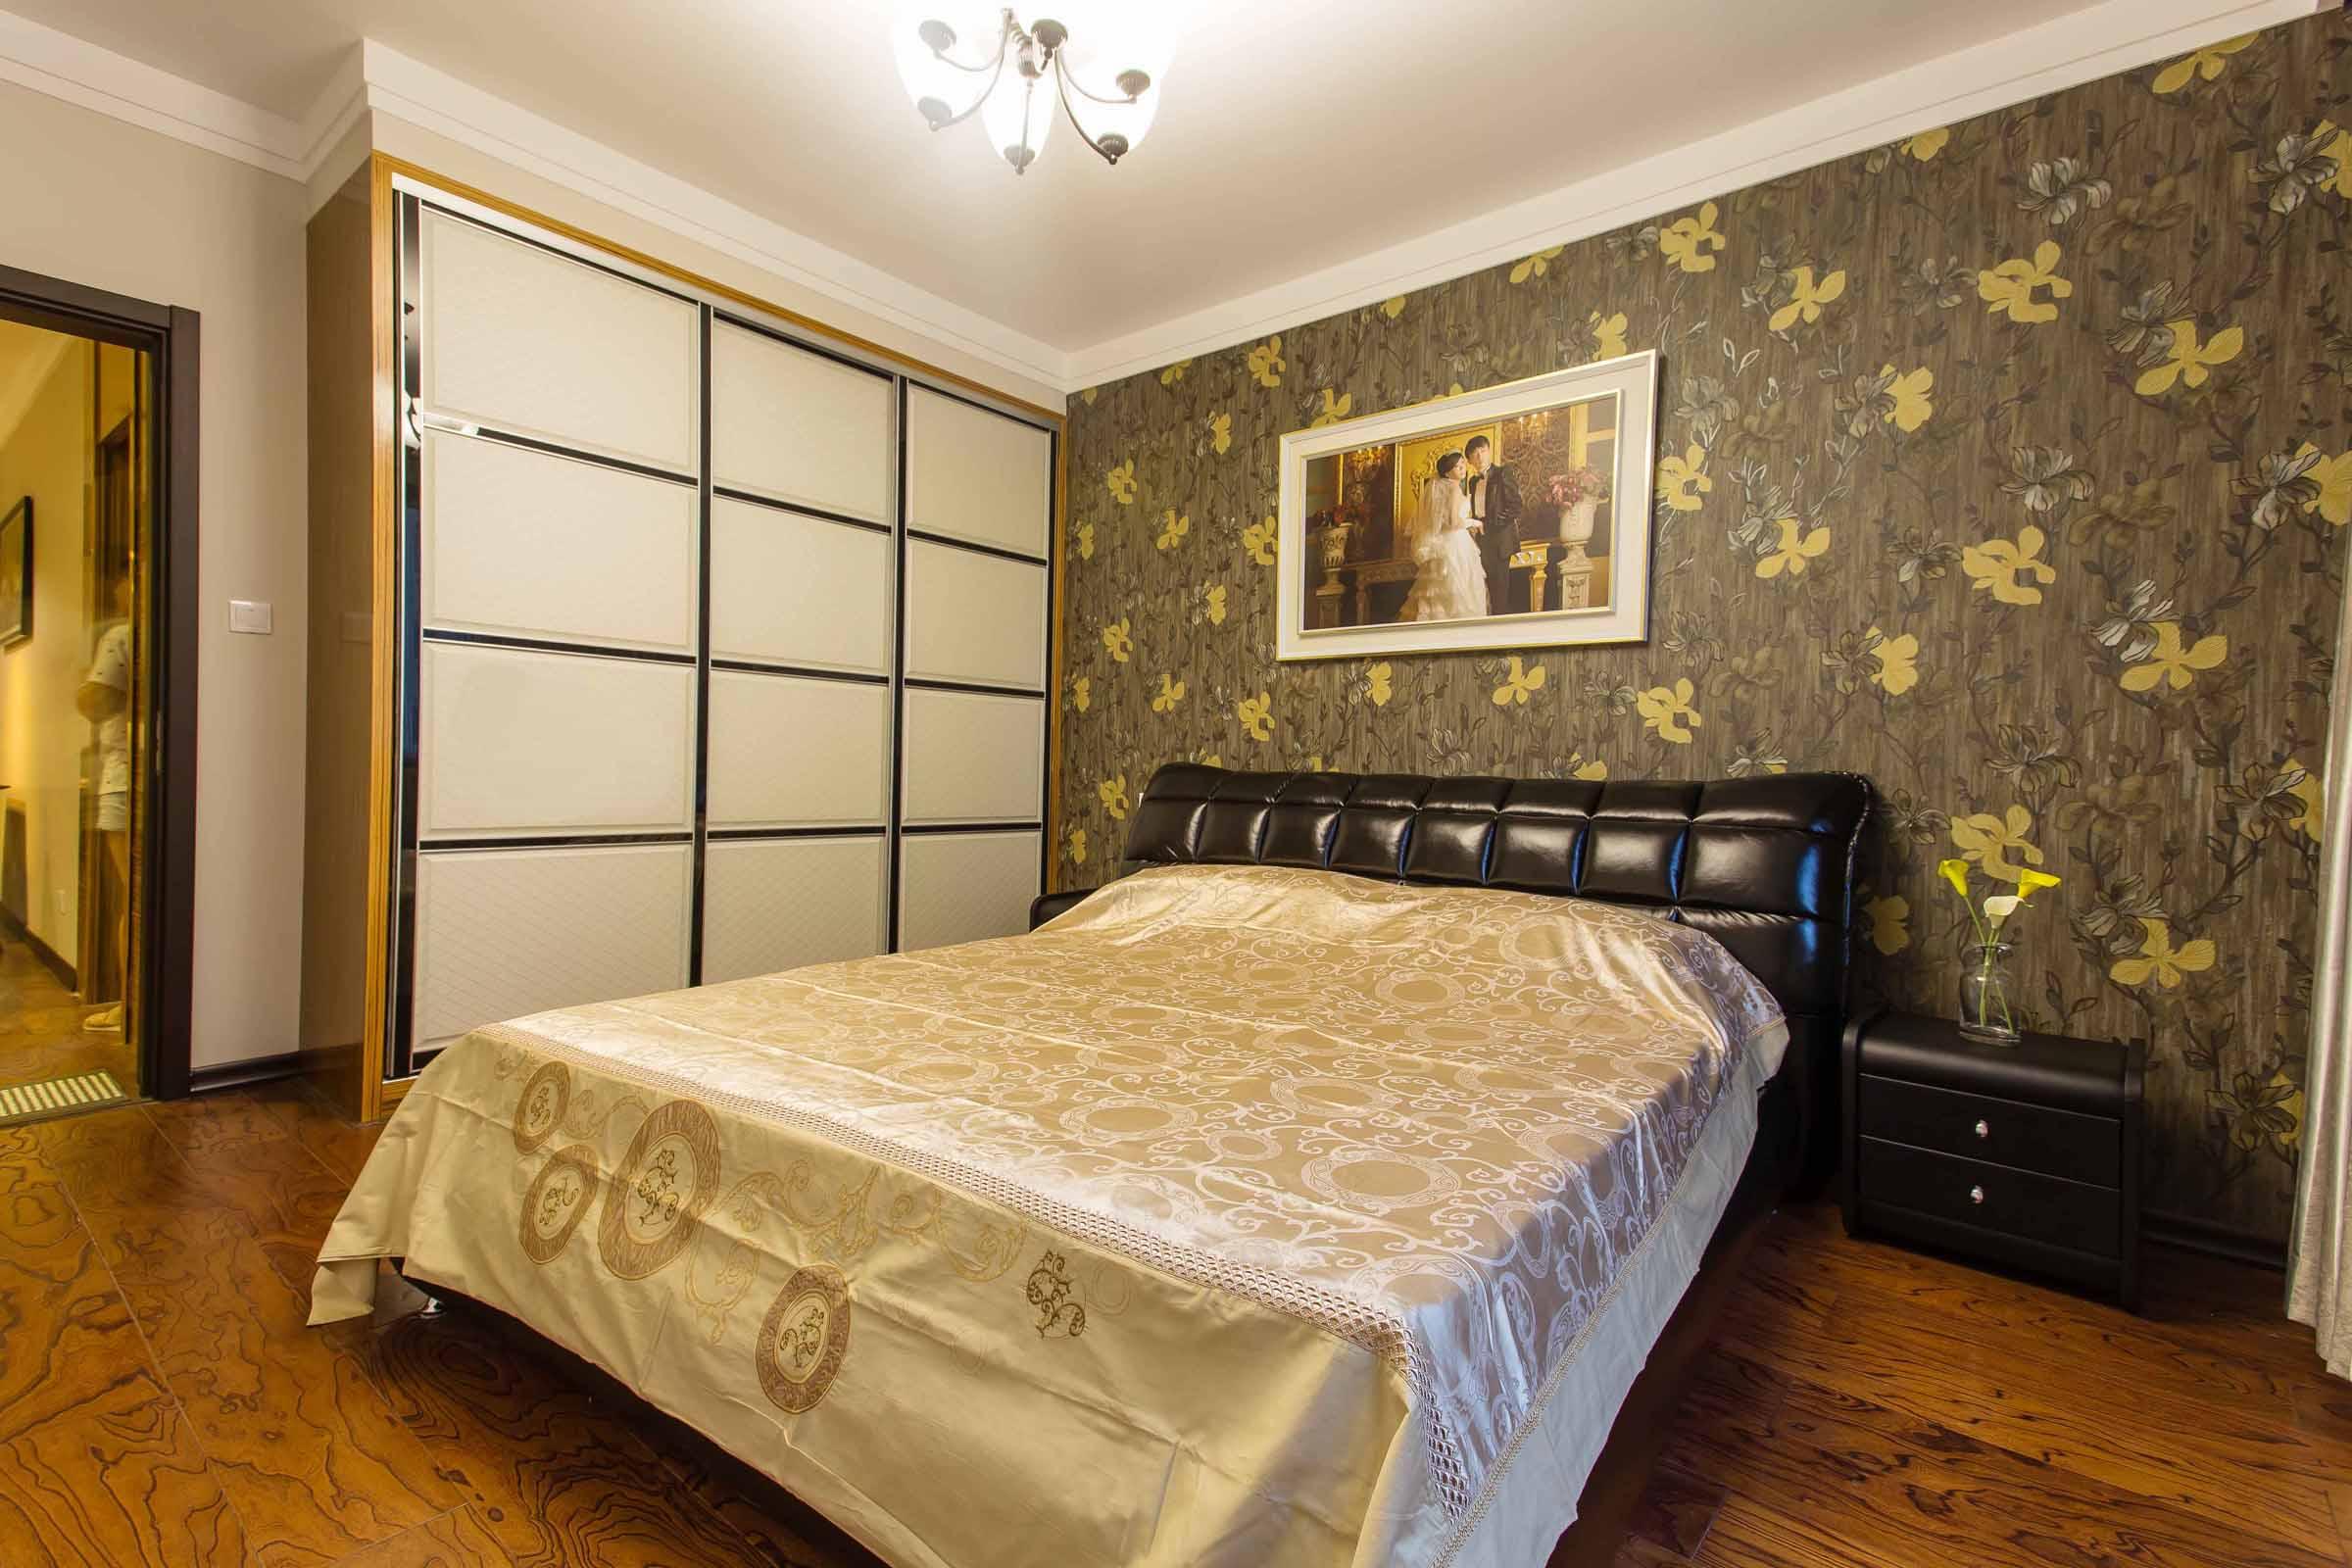 主卧室皮质的大床,以及浅色系的床品使主人温暖的入睡。